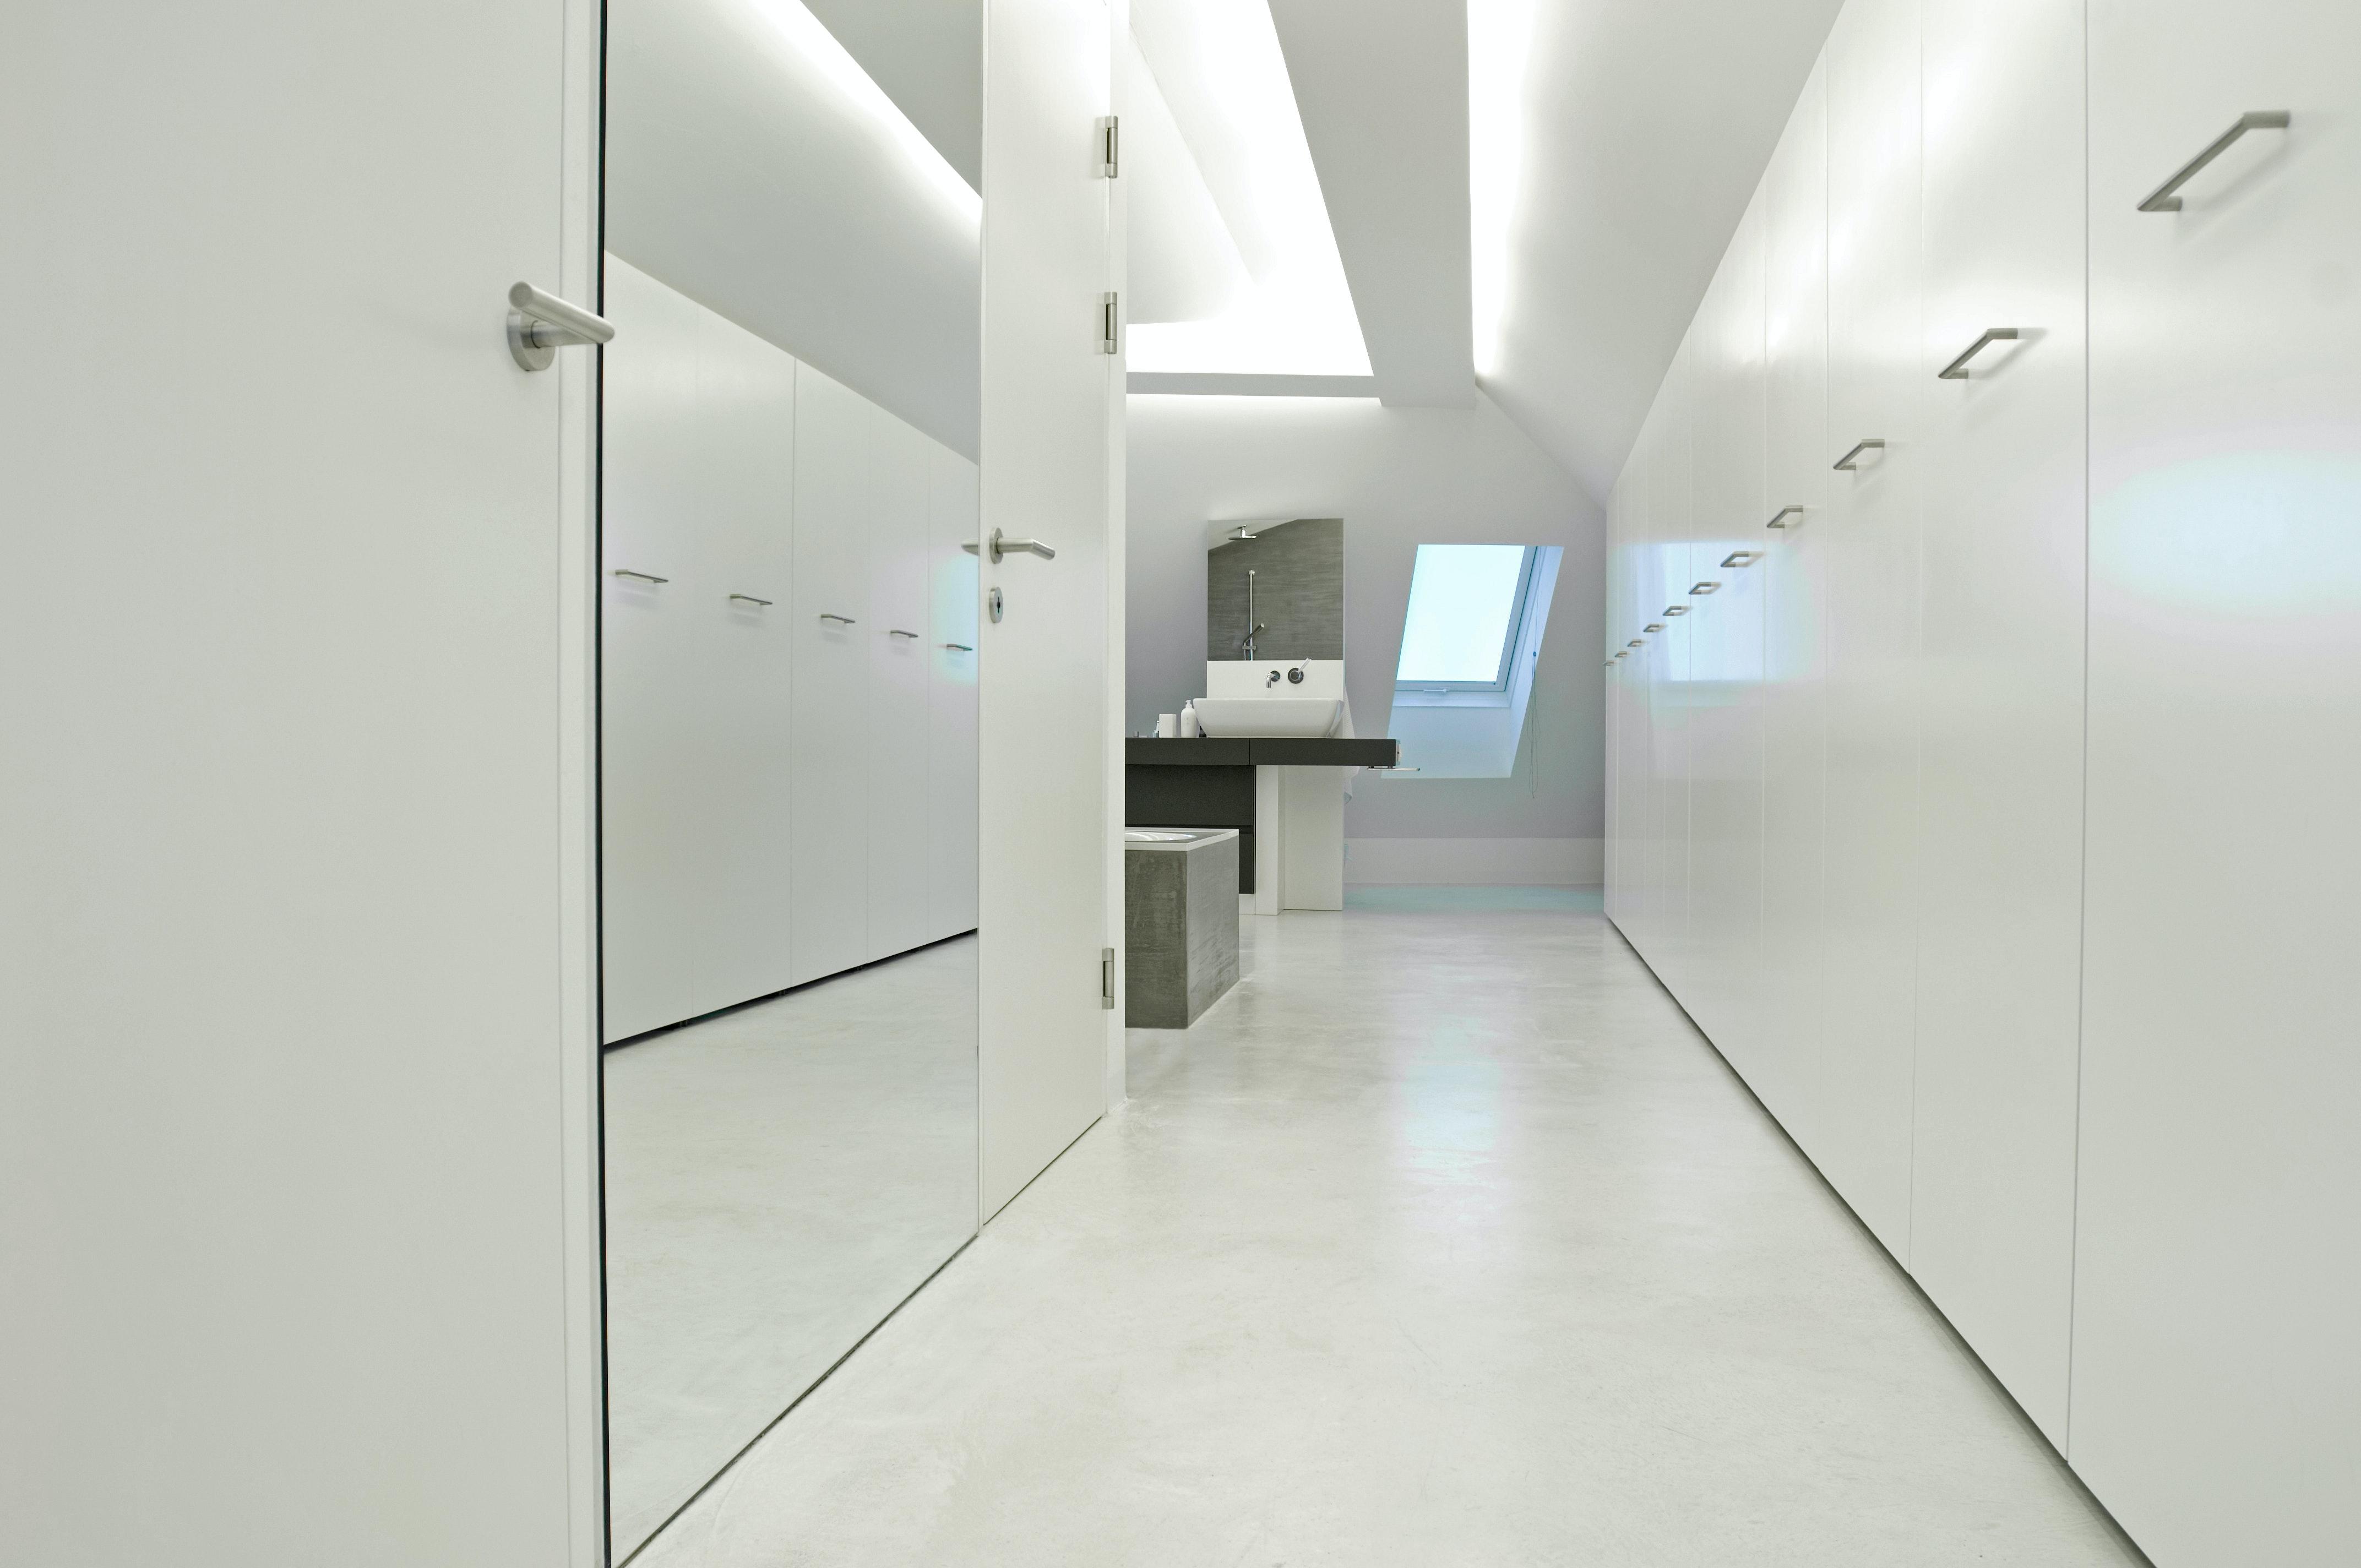 Great Stunning Faltturen Eschenholz Raumteilung Einzimmerwohnung . Gallery